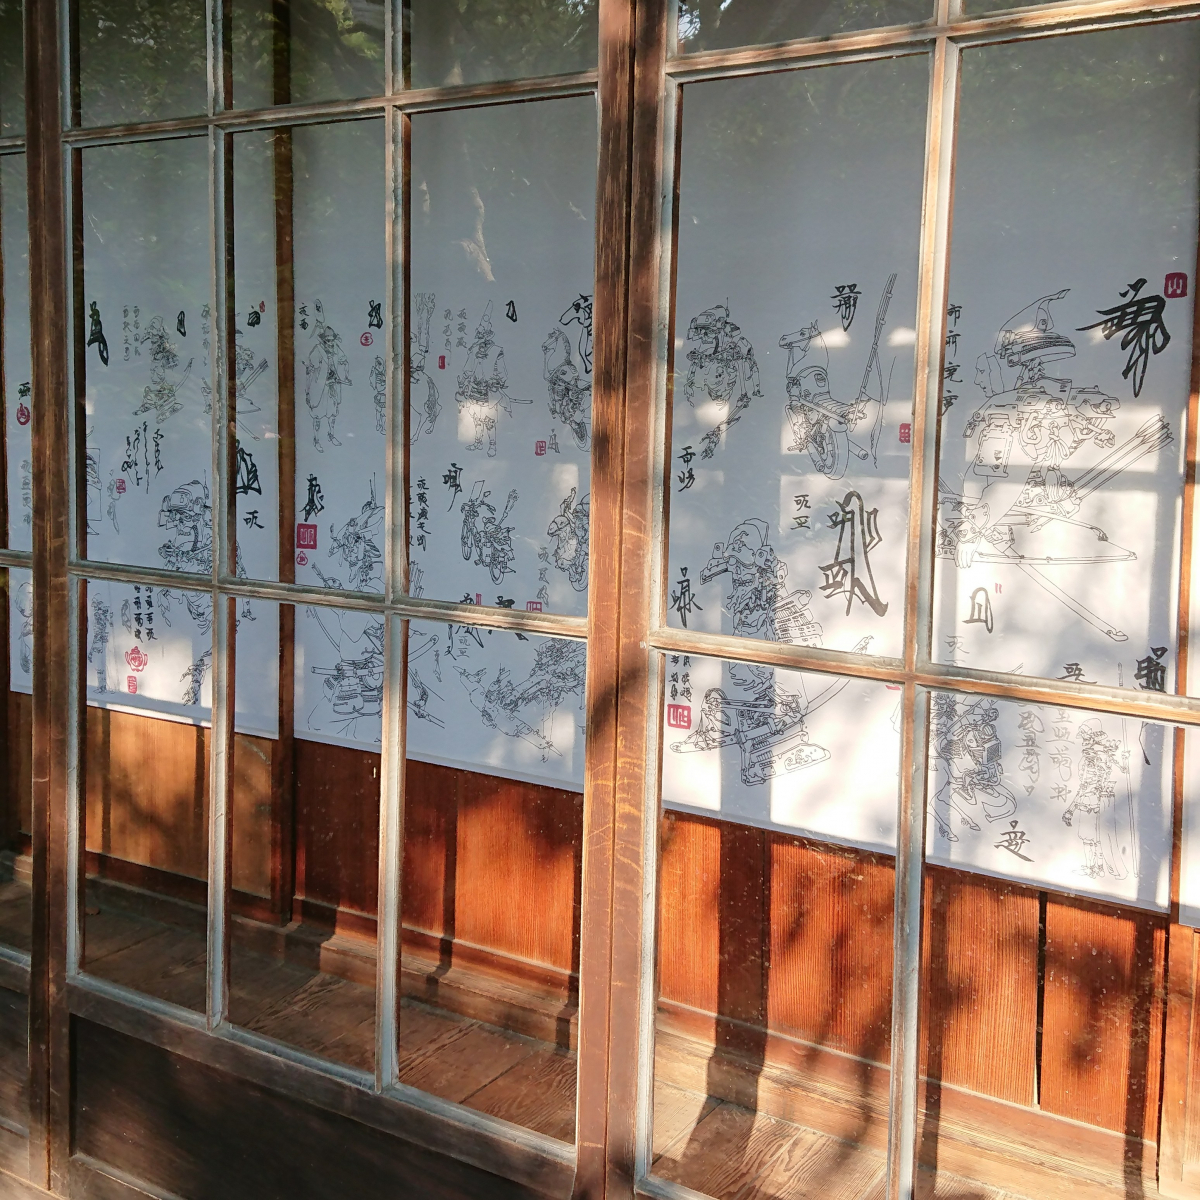 旅館「ふなや」の庭園内にある東屋に飾られた《武人圖》